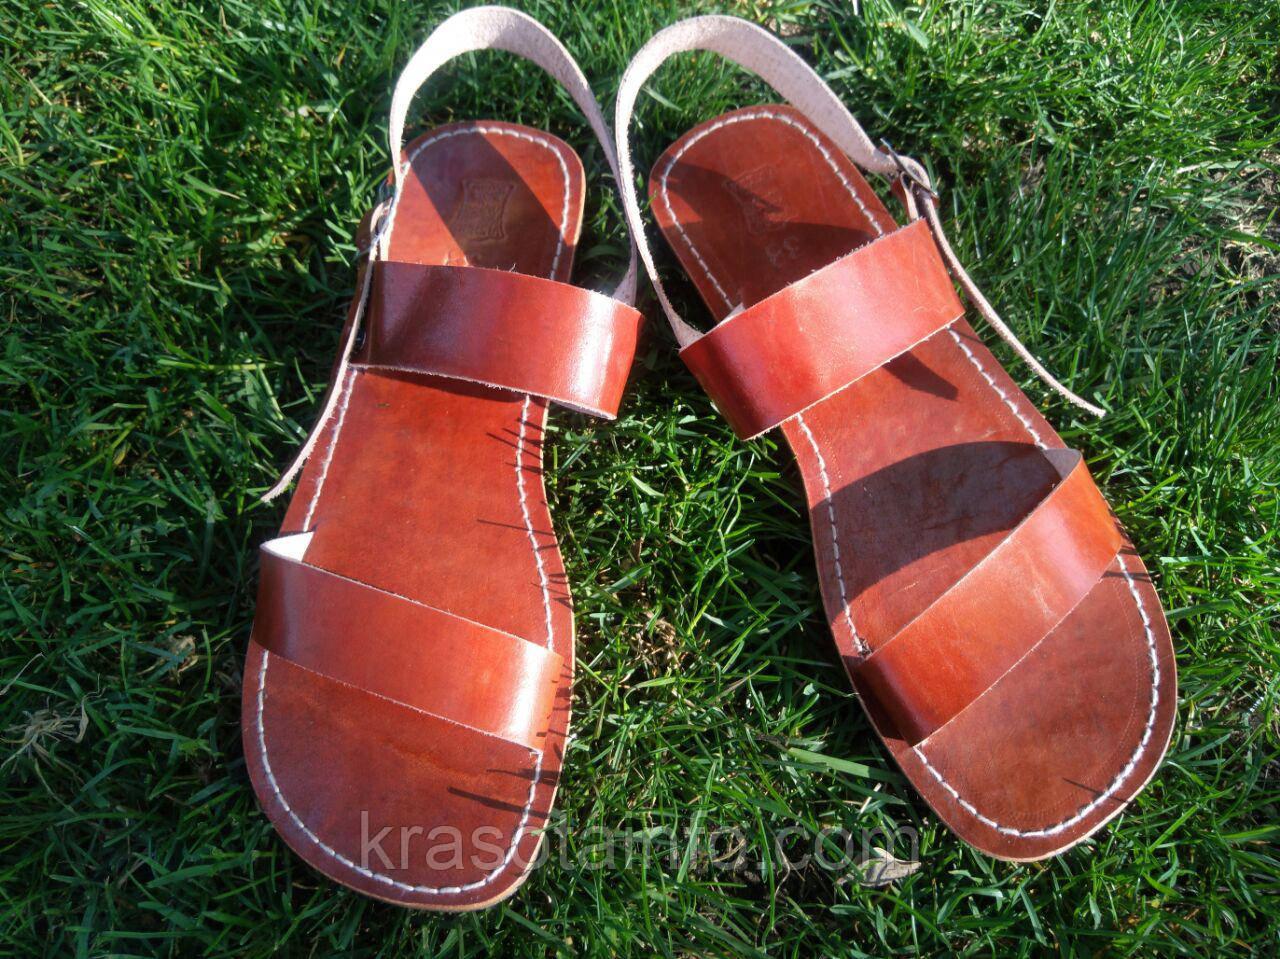 Распродажа остатков Сандалии кожаные женские. Выбор размеров.  Босоножки, сандали кожа